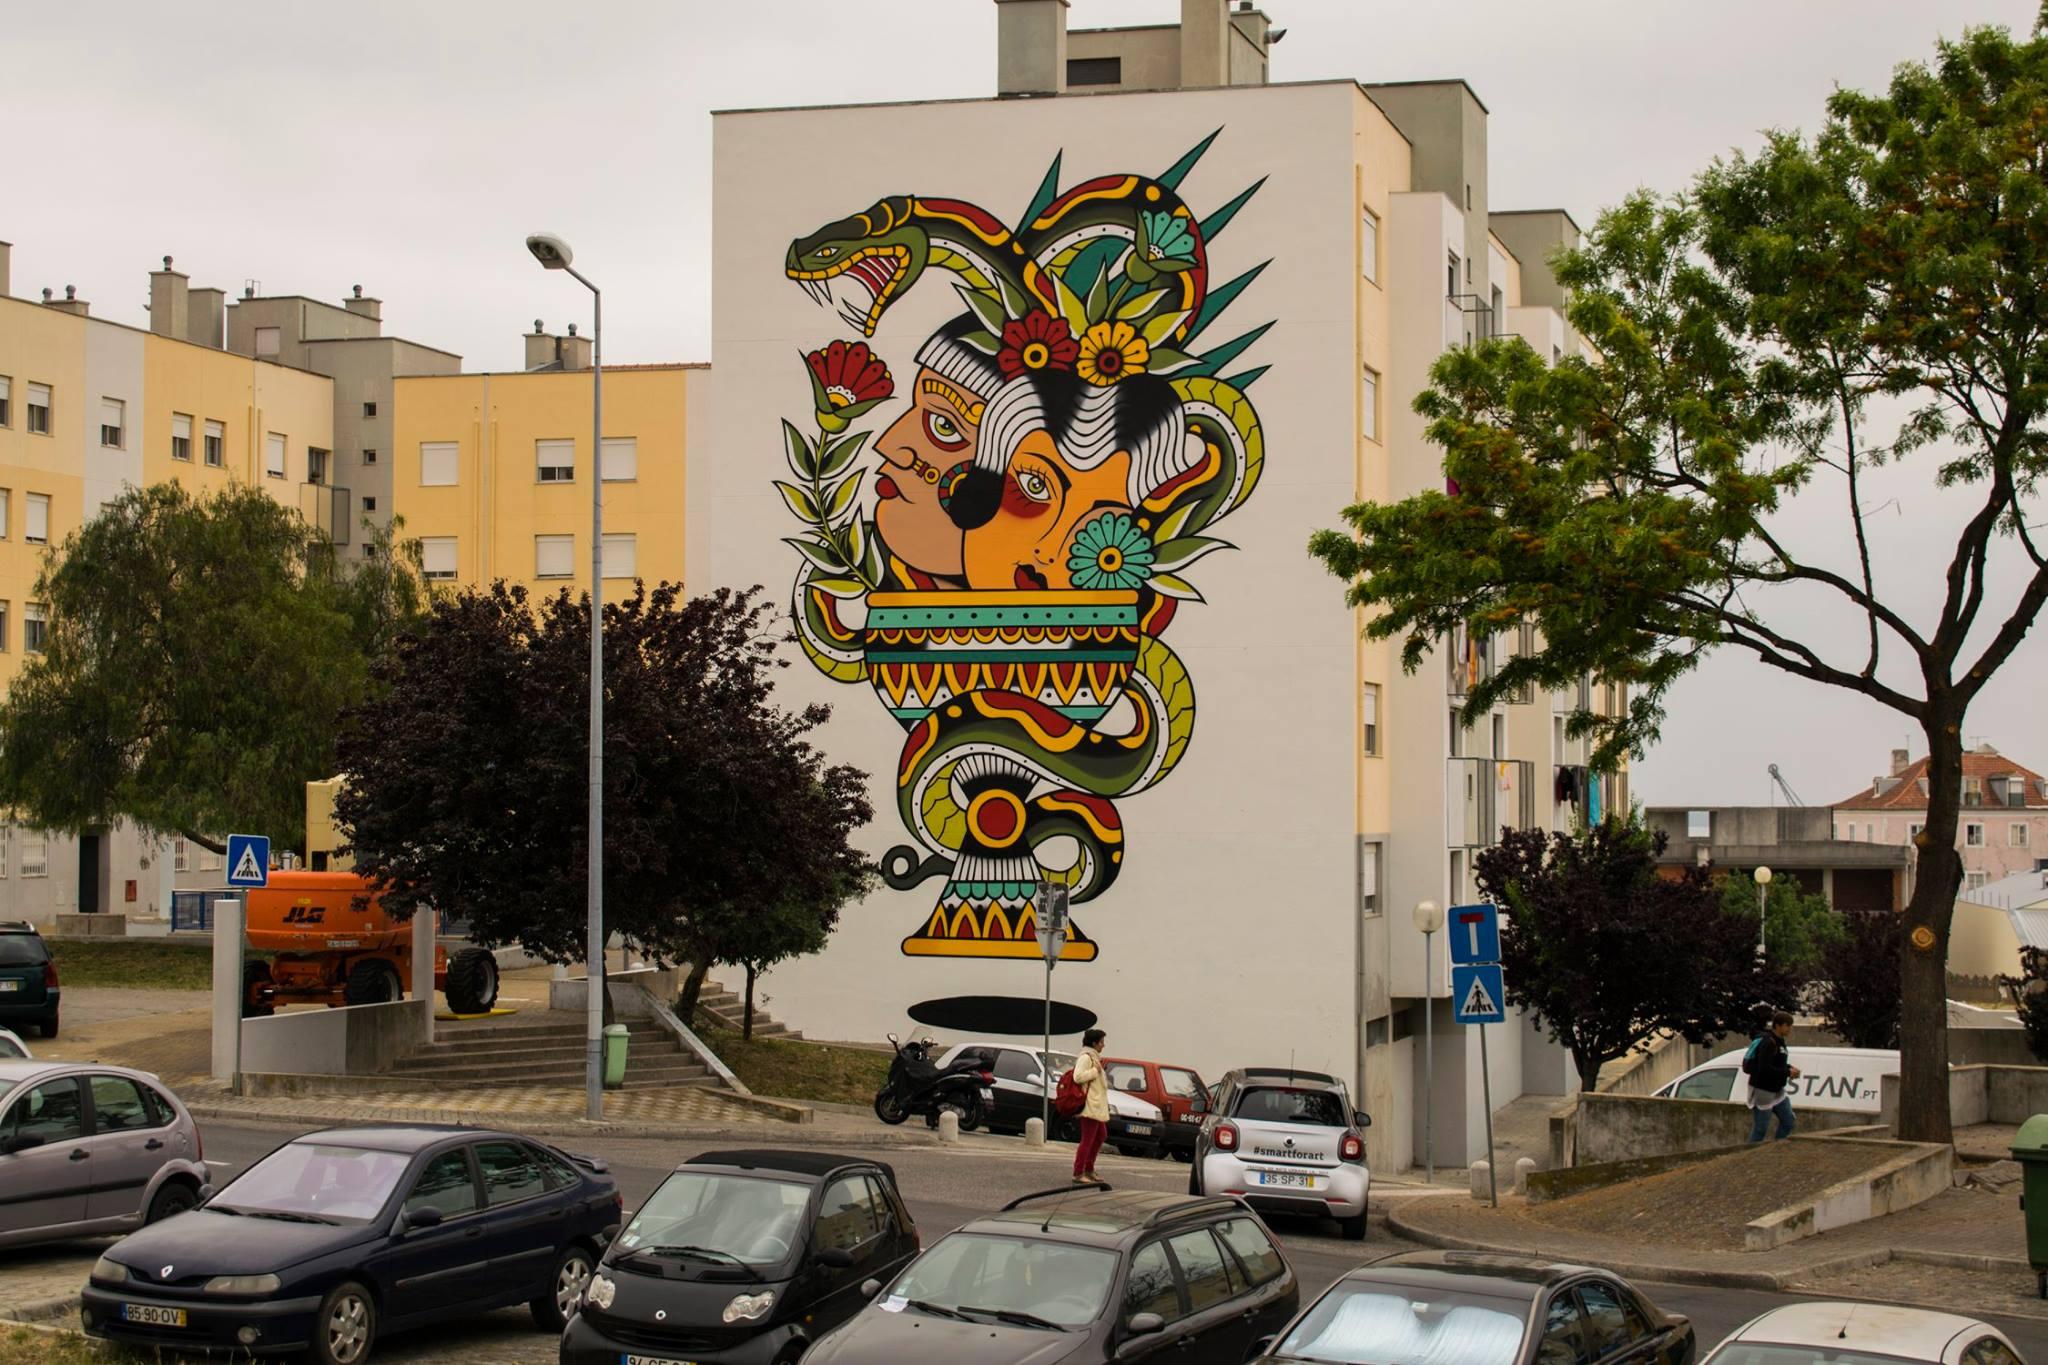 muro festival arte urbana marvila lisboa 2017 (10)